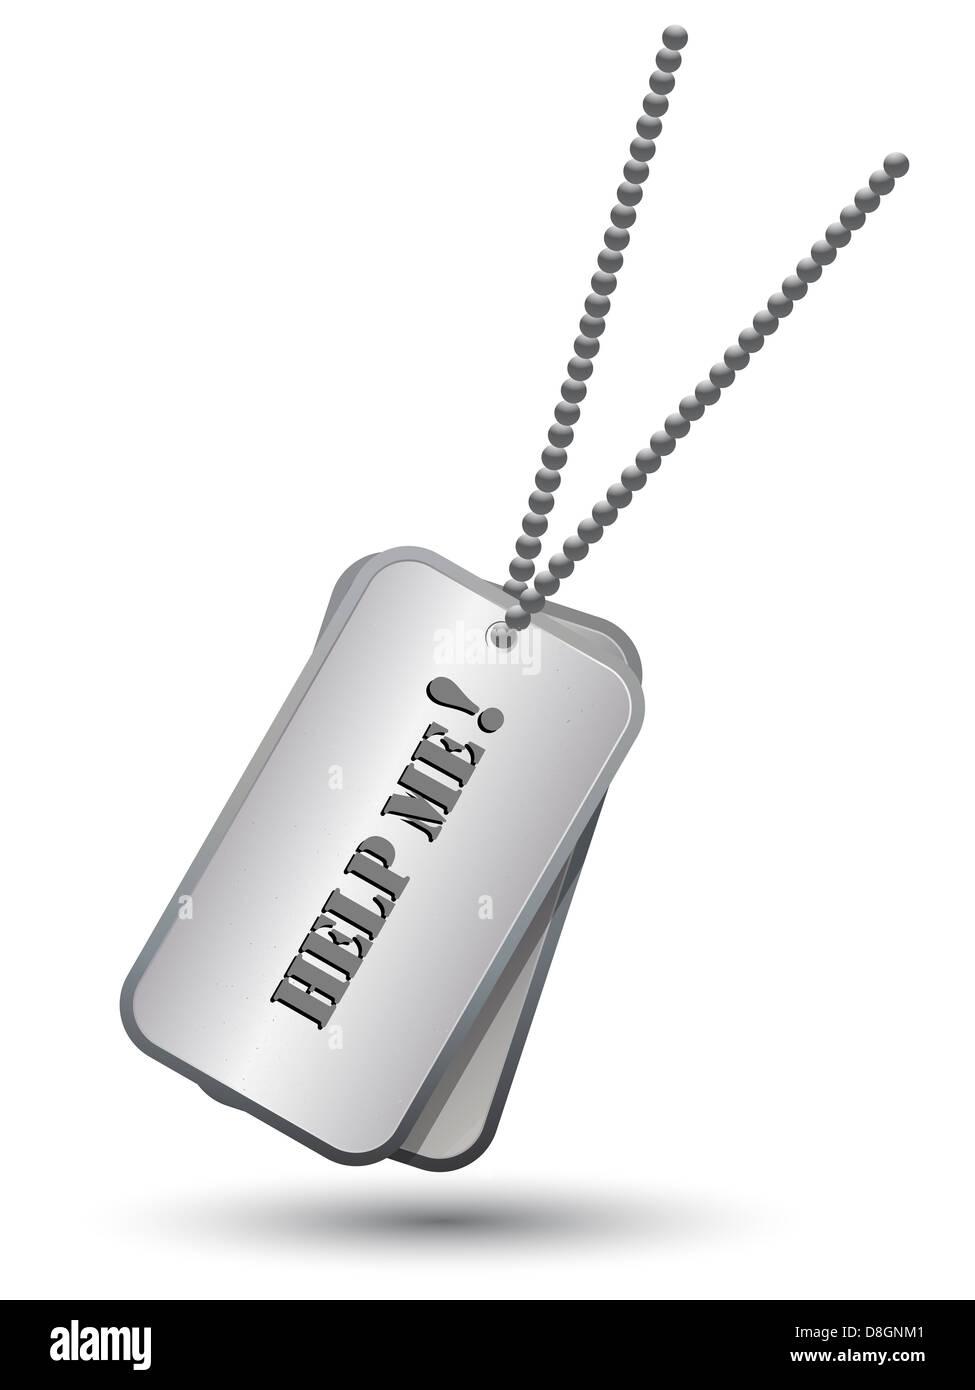 Etiquetas del ejército personalizado Imagen De Stock